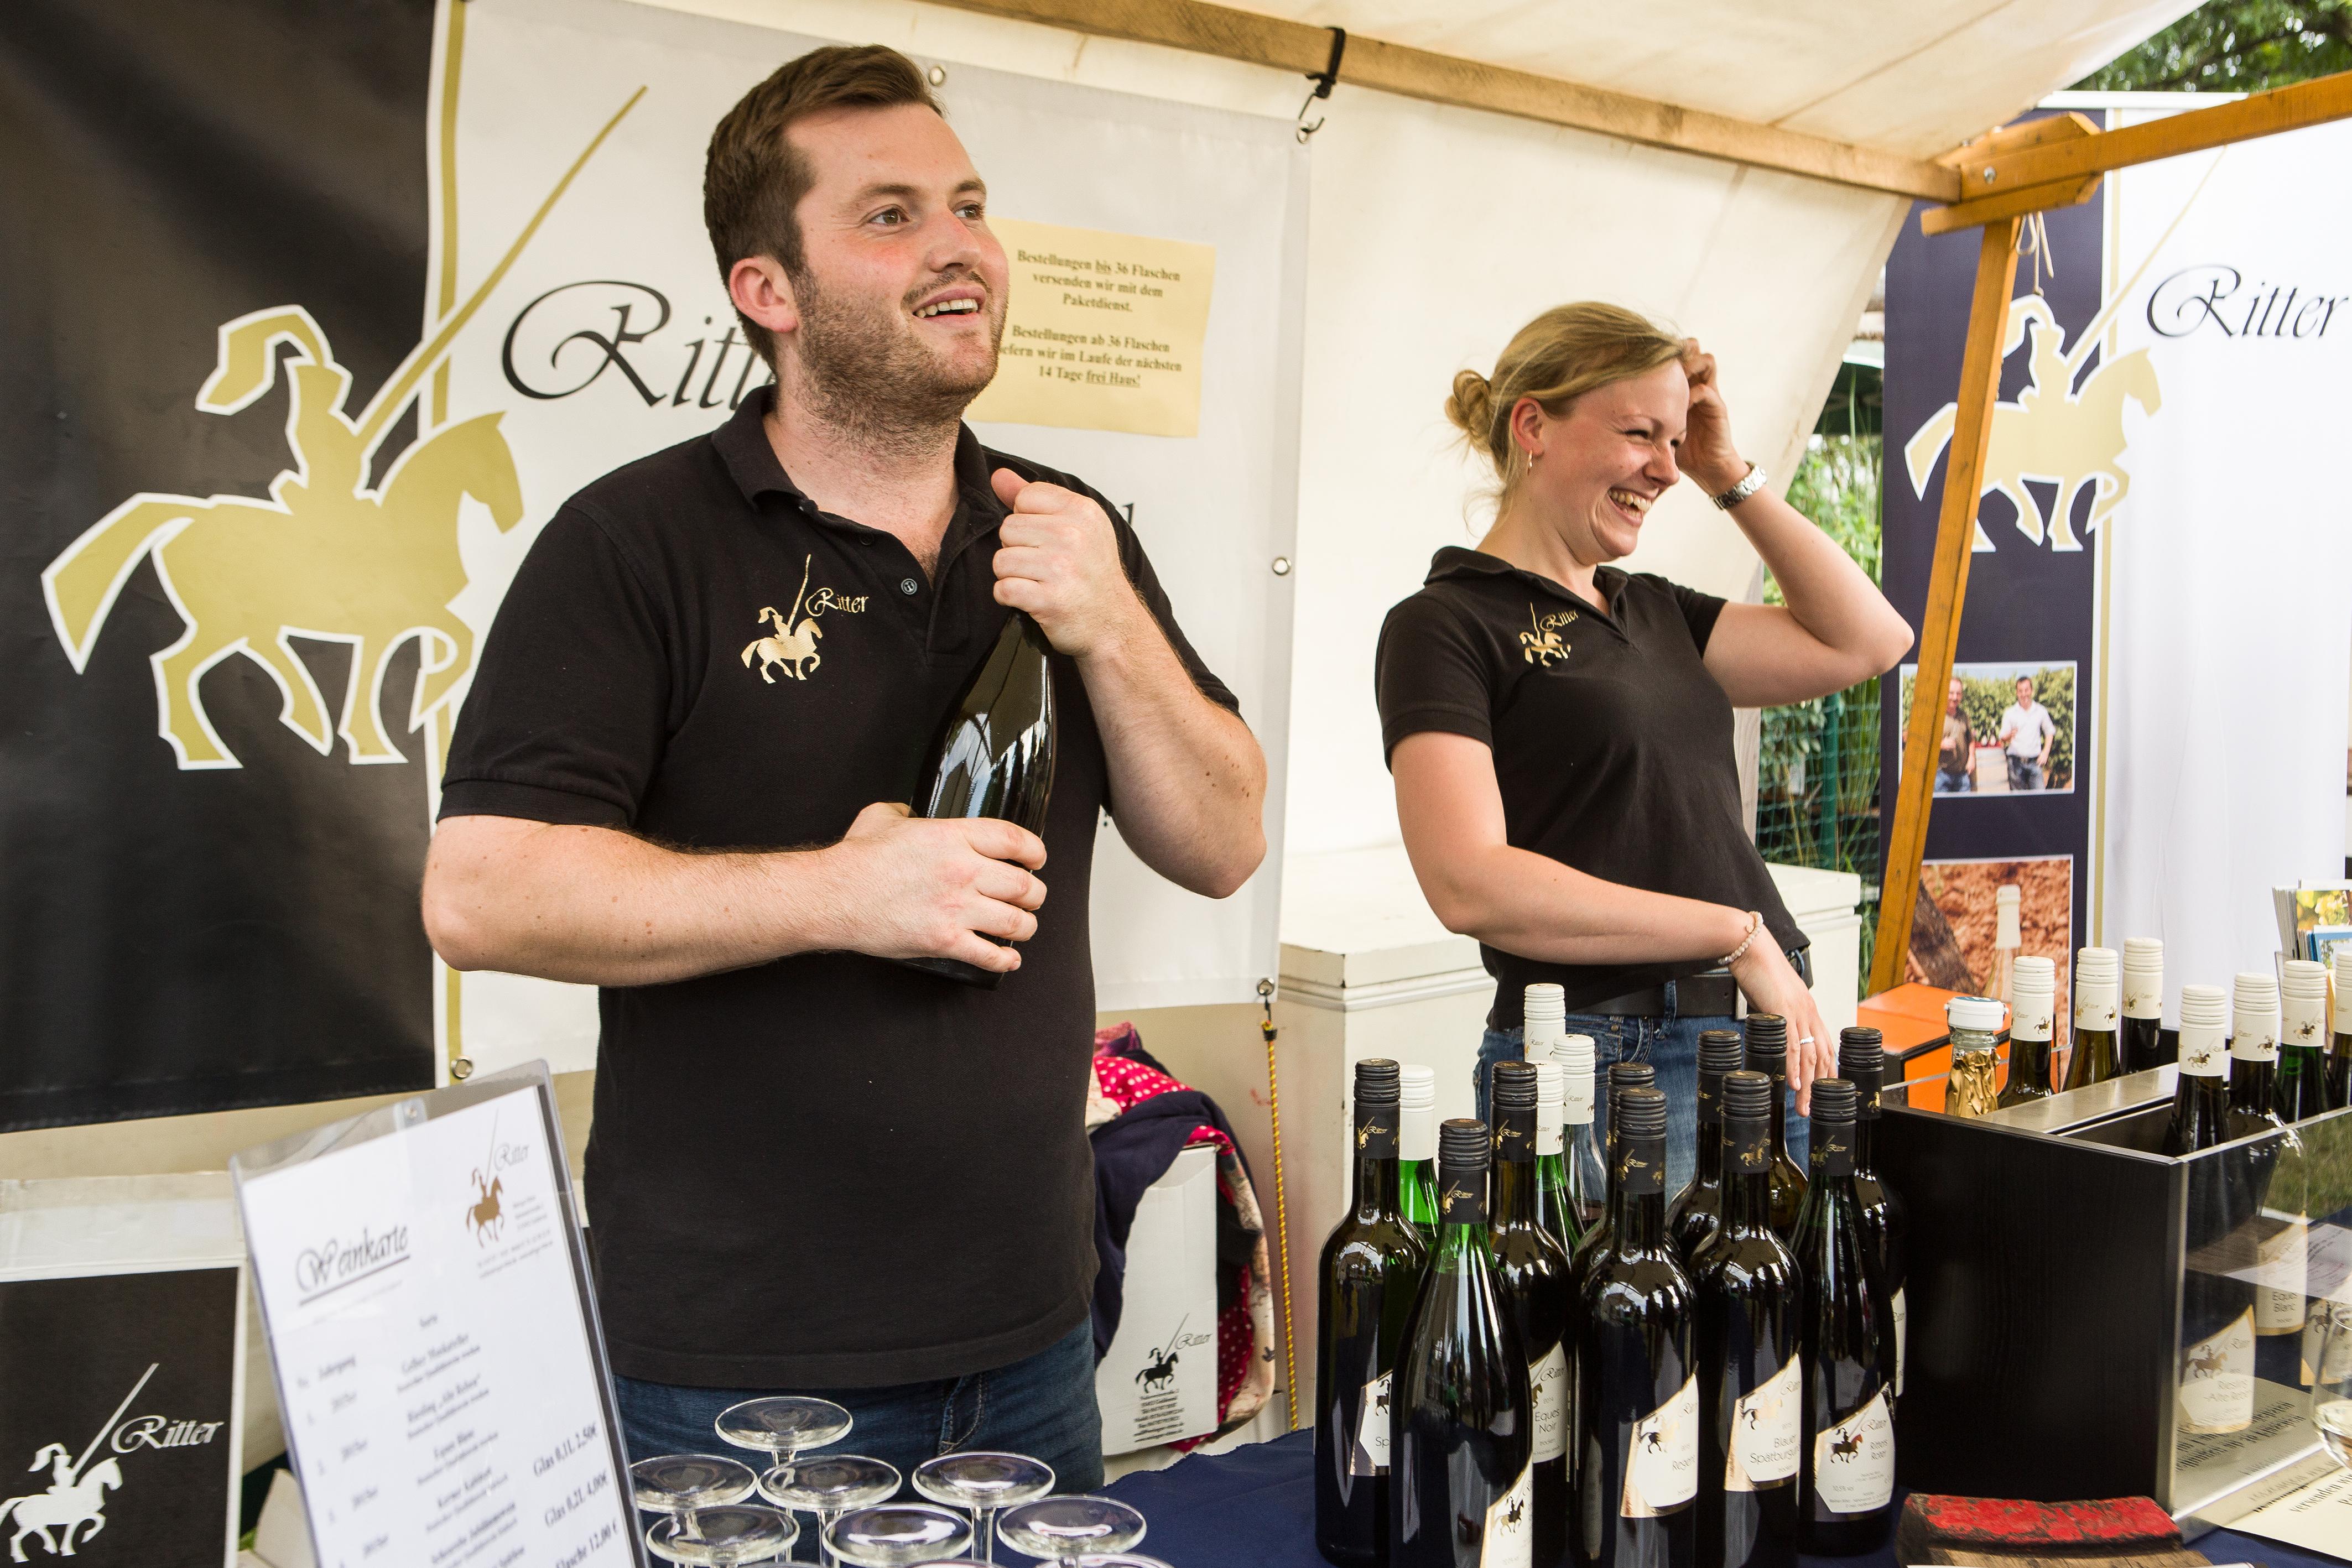 Weinfest in den Späth'schen Baumschulen, Pressefoto mit dem Weingut Ritter, 8,24 MB